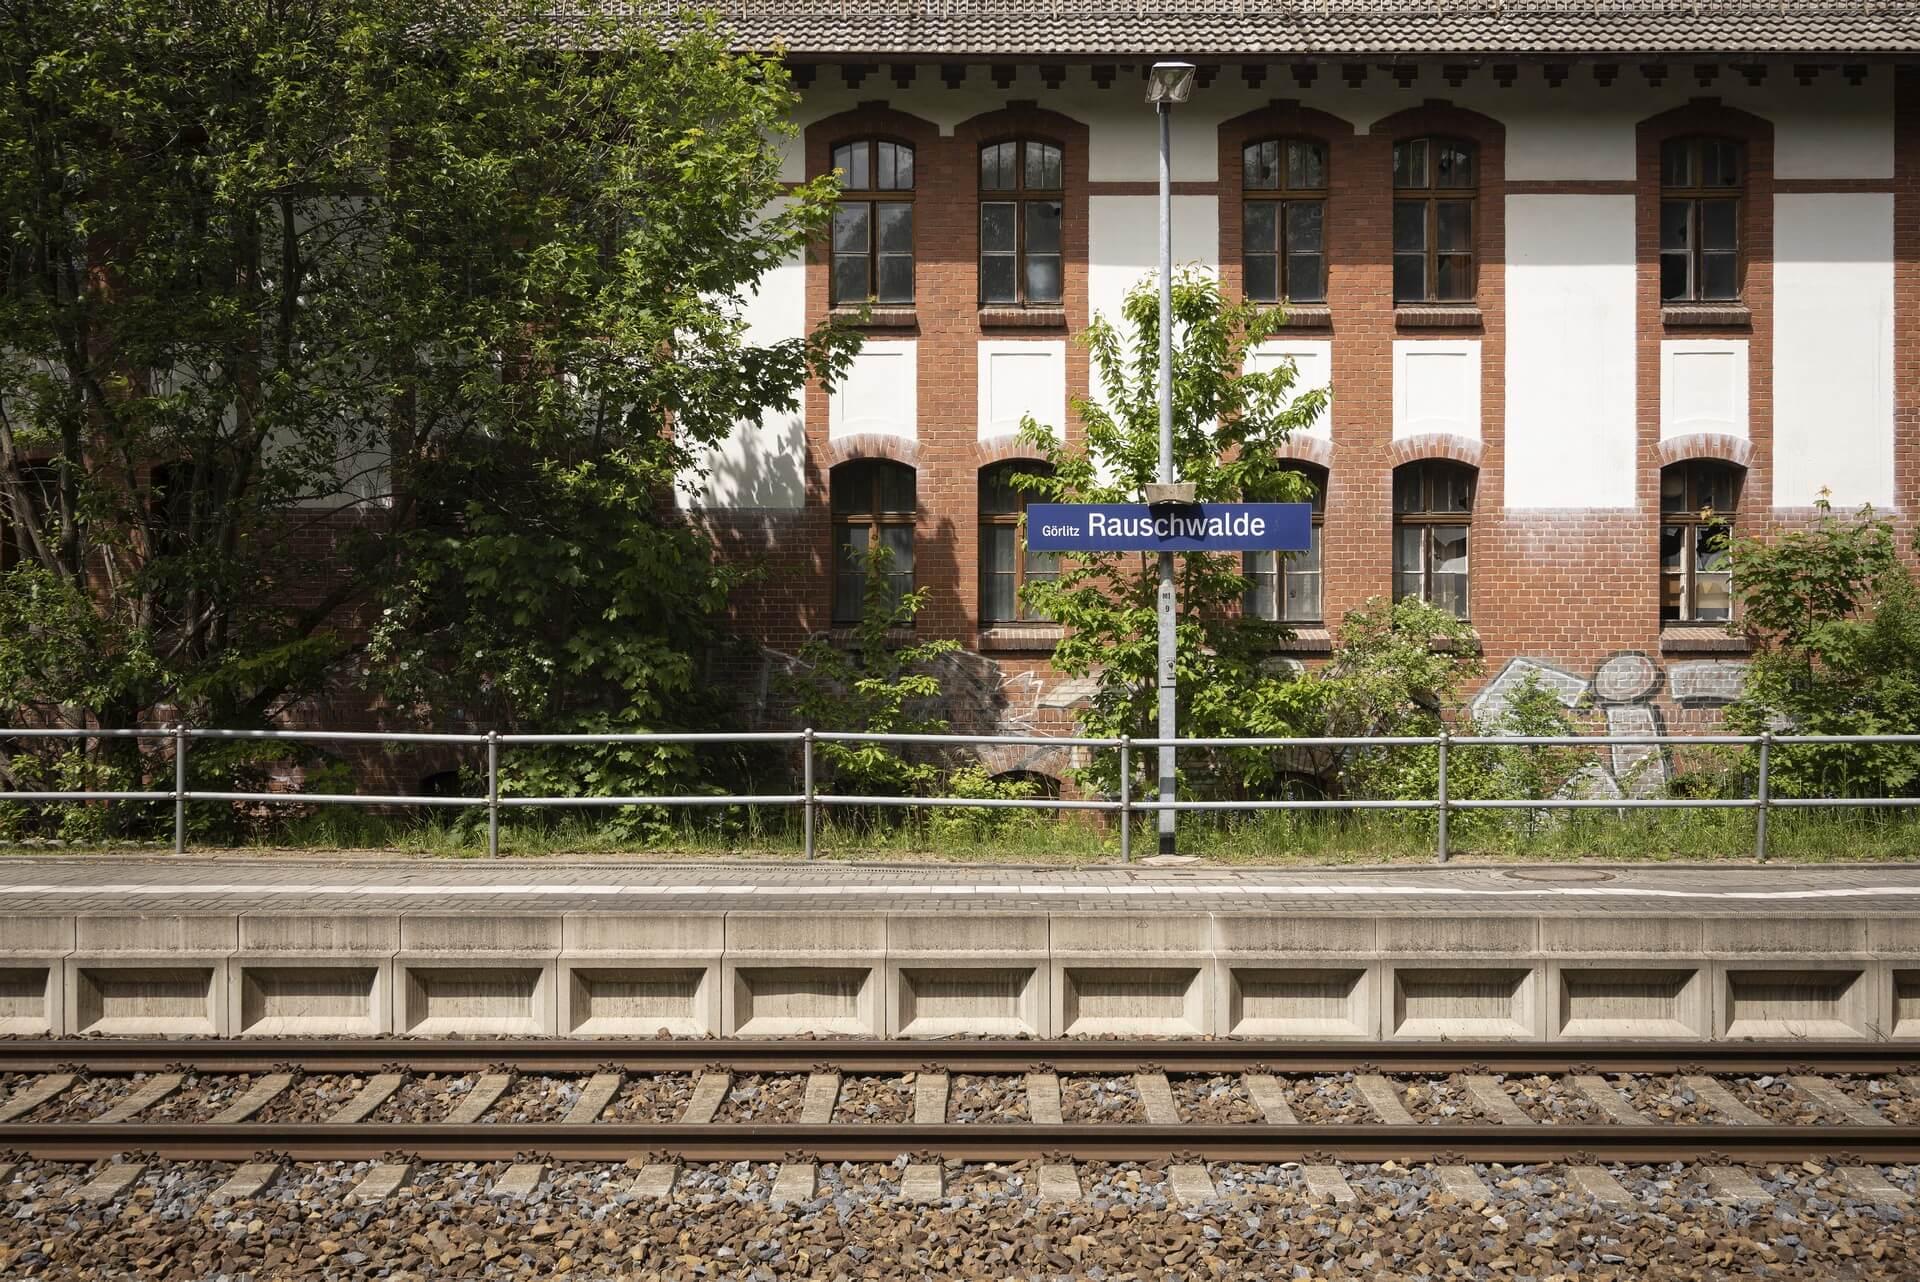 Görlitz-Rauschwalde, Bahnhof